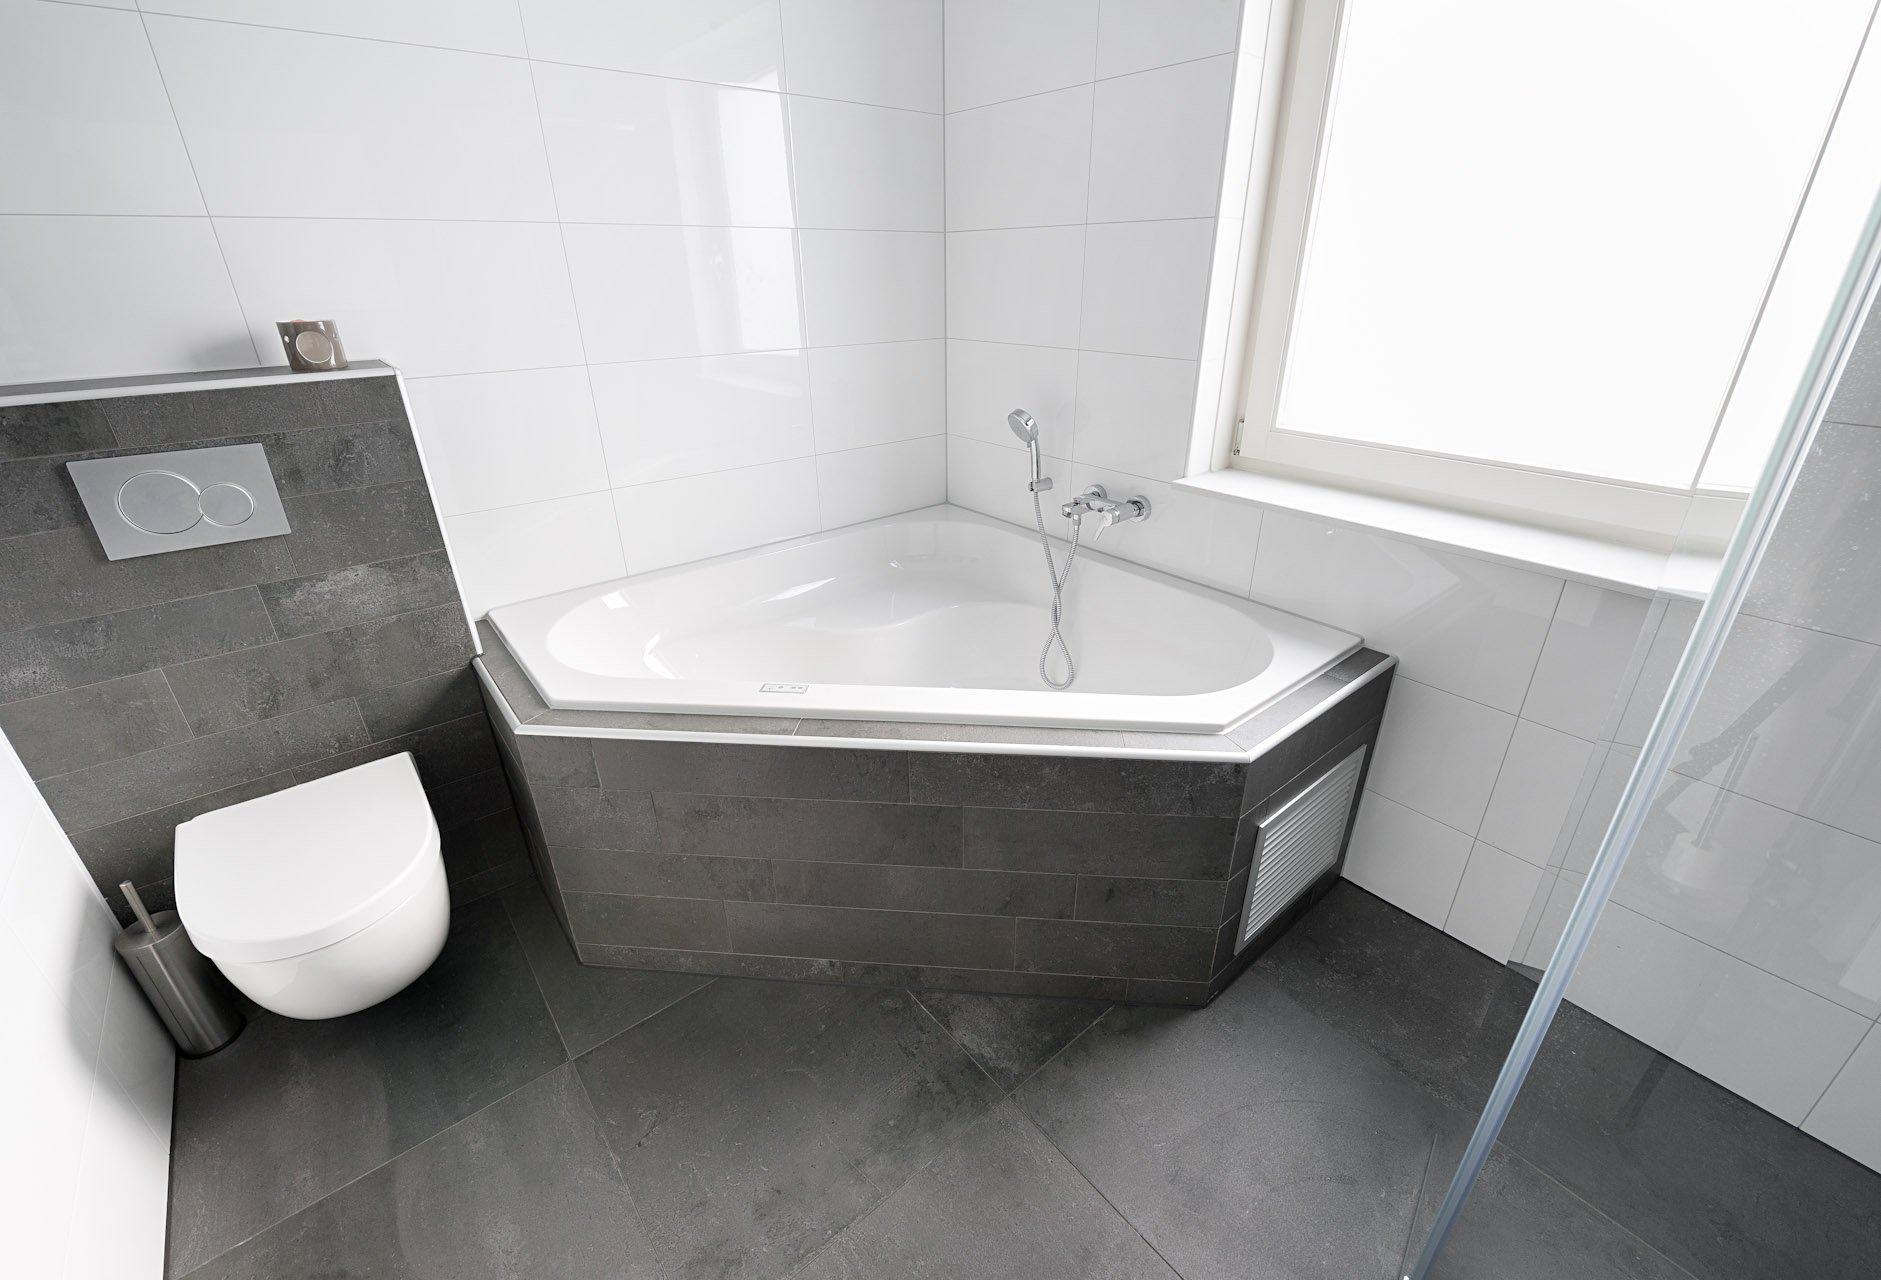 Badkamertegels - KROON Vloeren in Steen